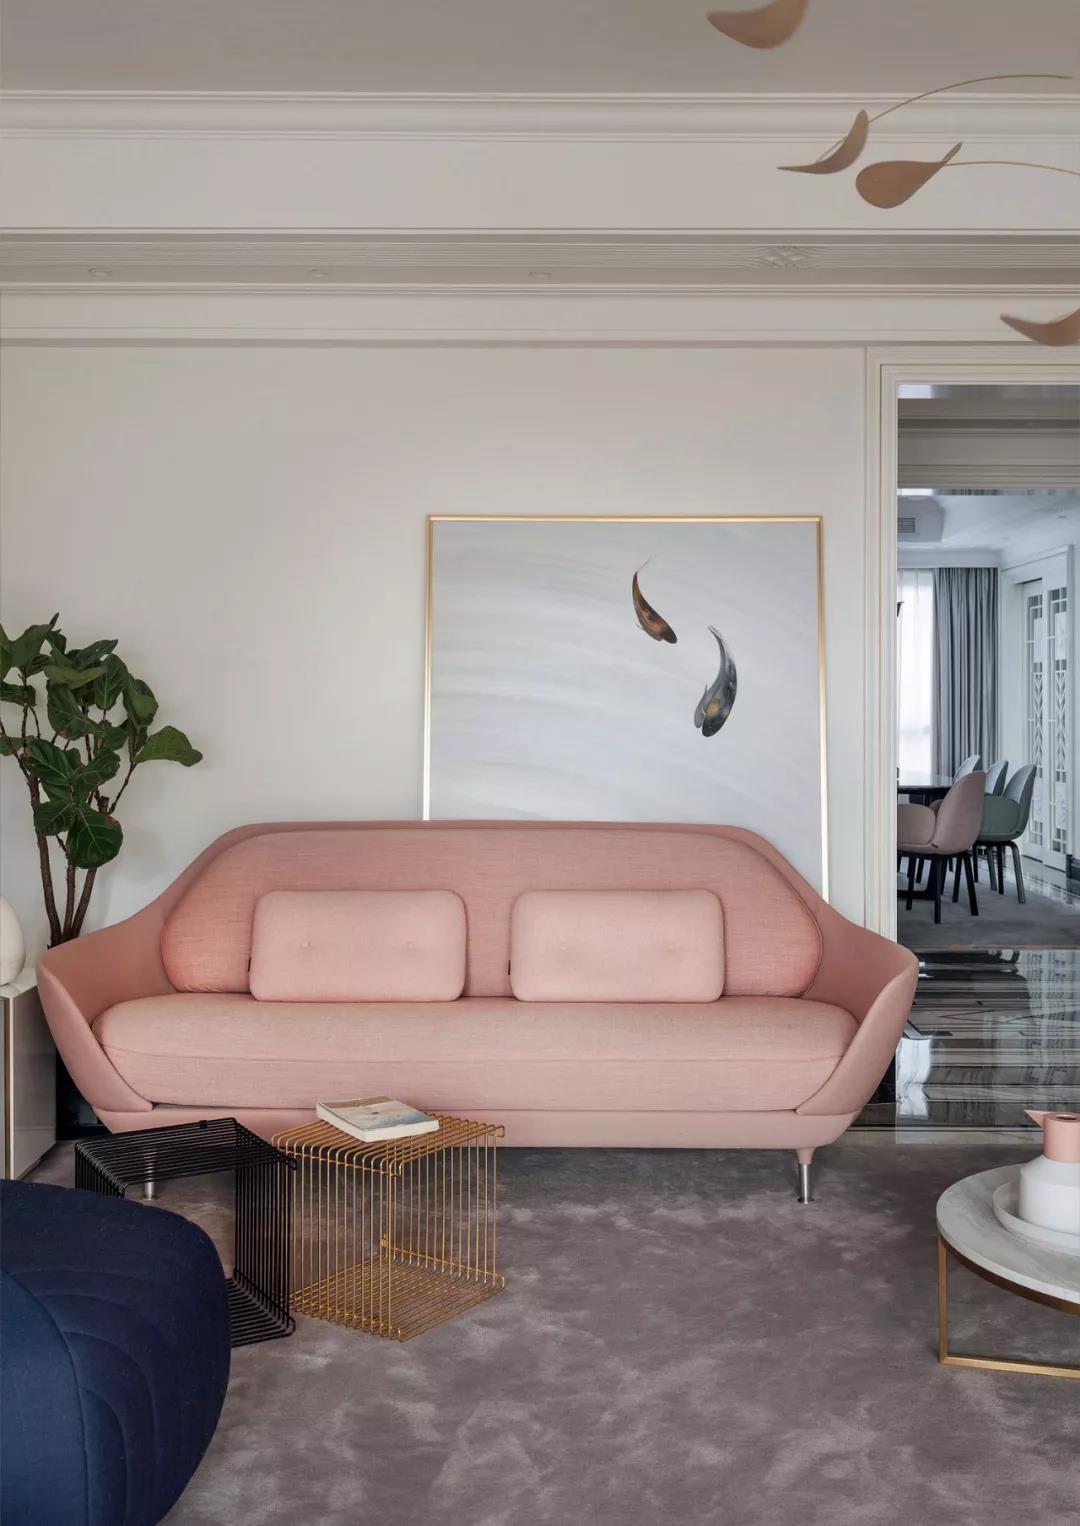 2020混搭客厅装修设计 2020混搭沙发装修设计